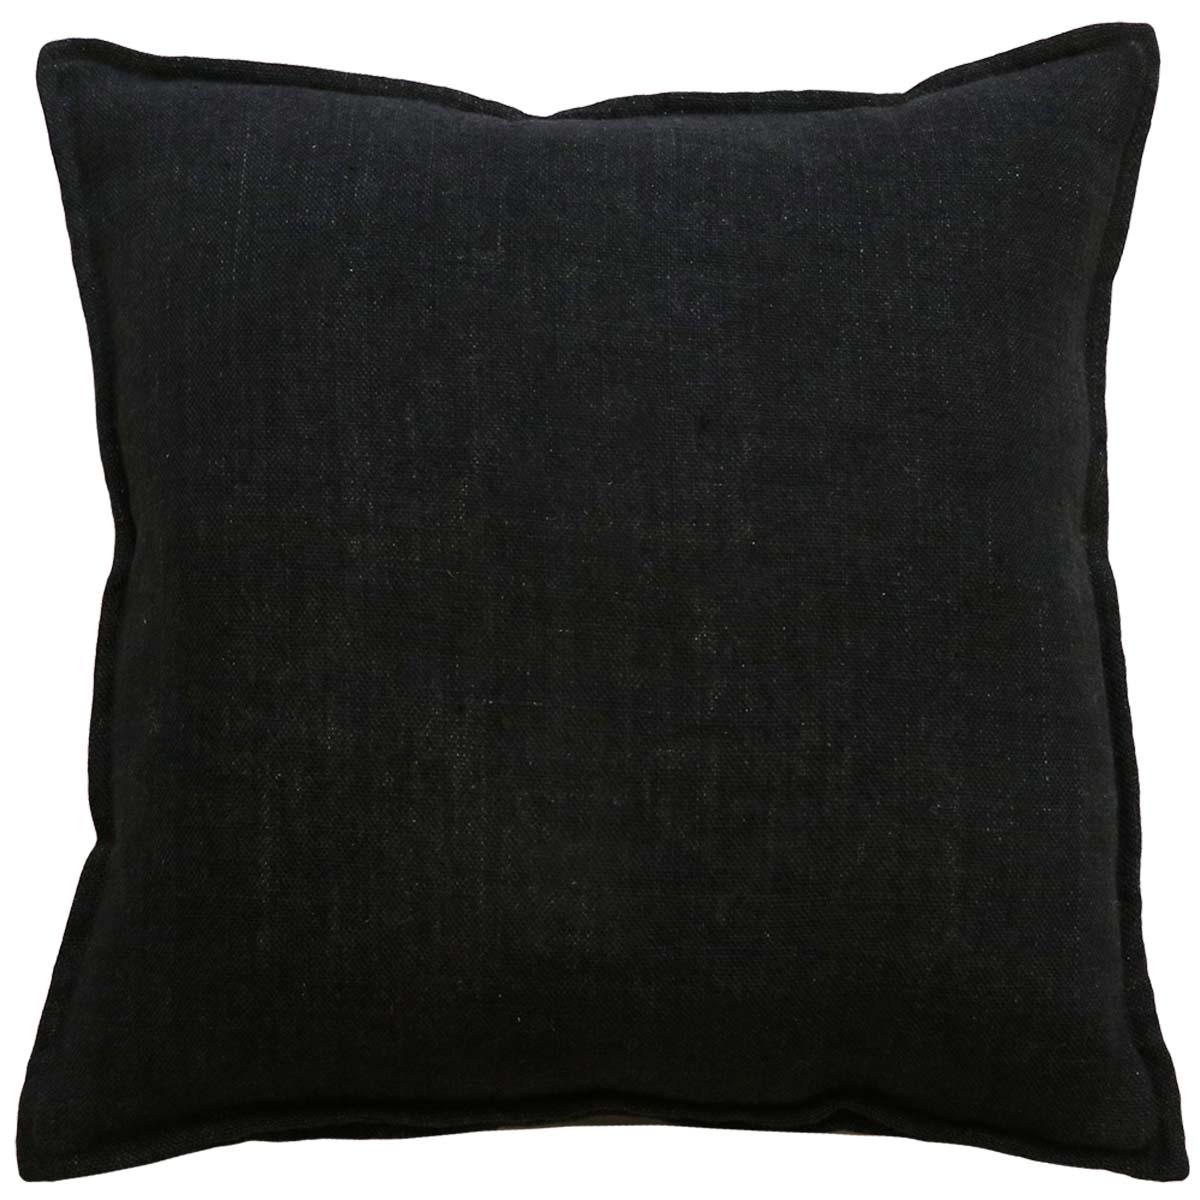 FLAXMILL FEATHER FILL CUSHION 50X50CM in black